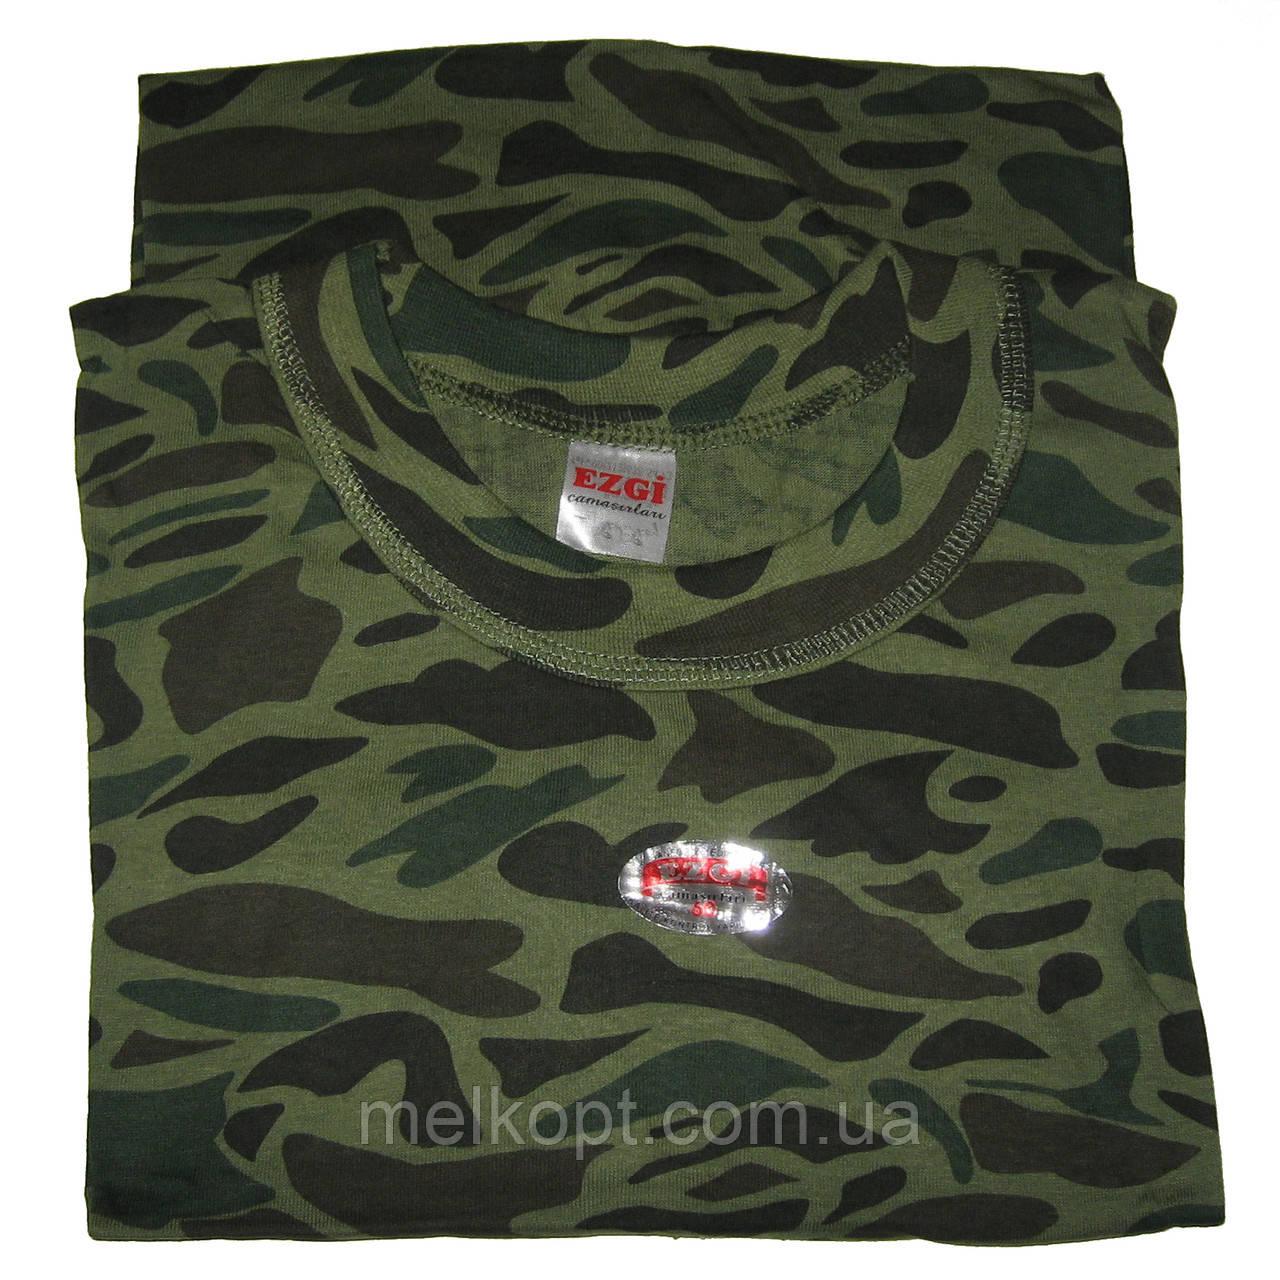 Чоловічі футболки Ezgi - 64,00 грн./шт. (60-й розмір, хакі)